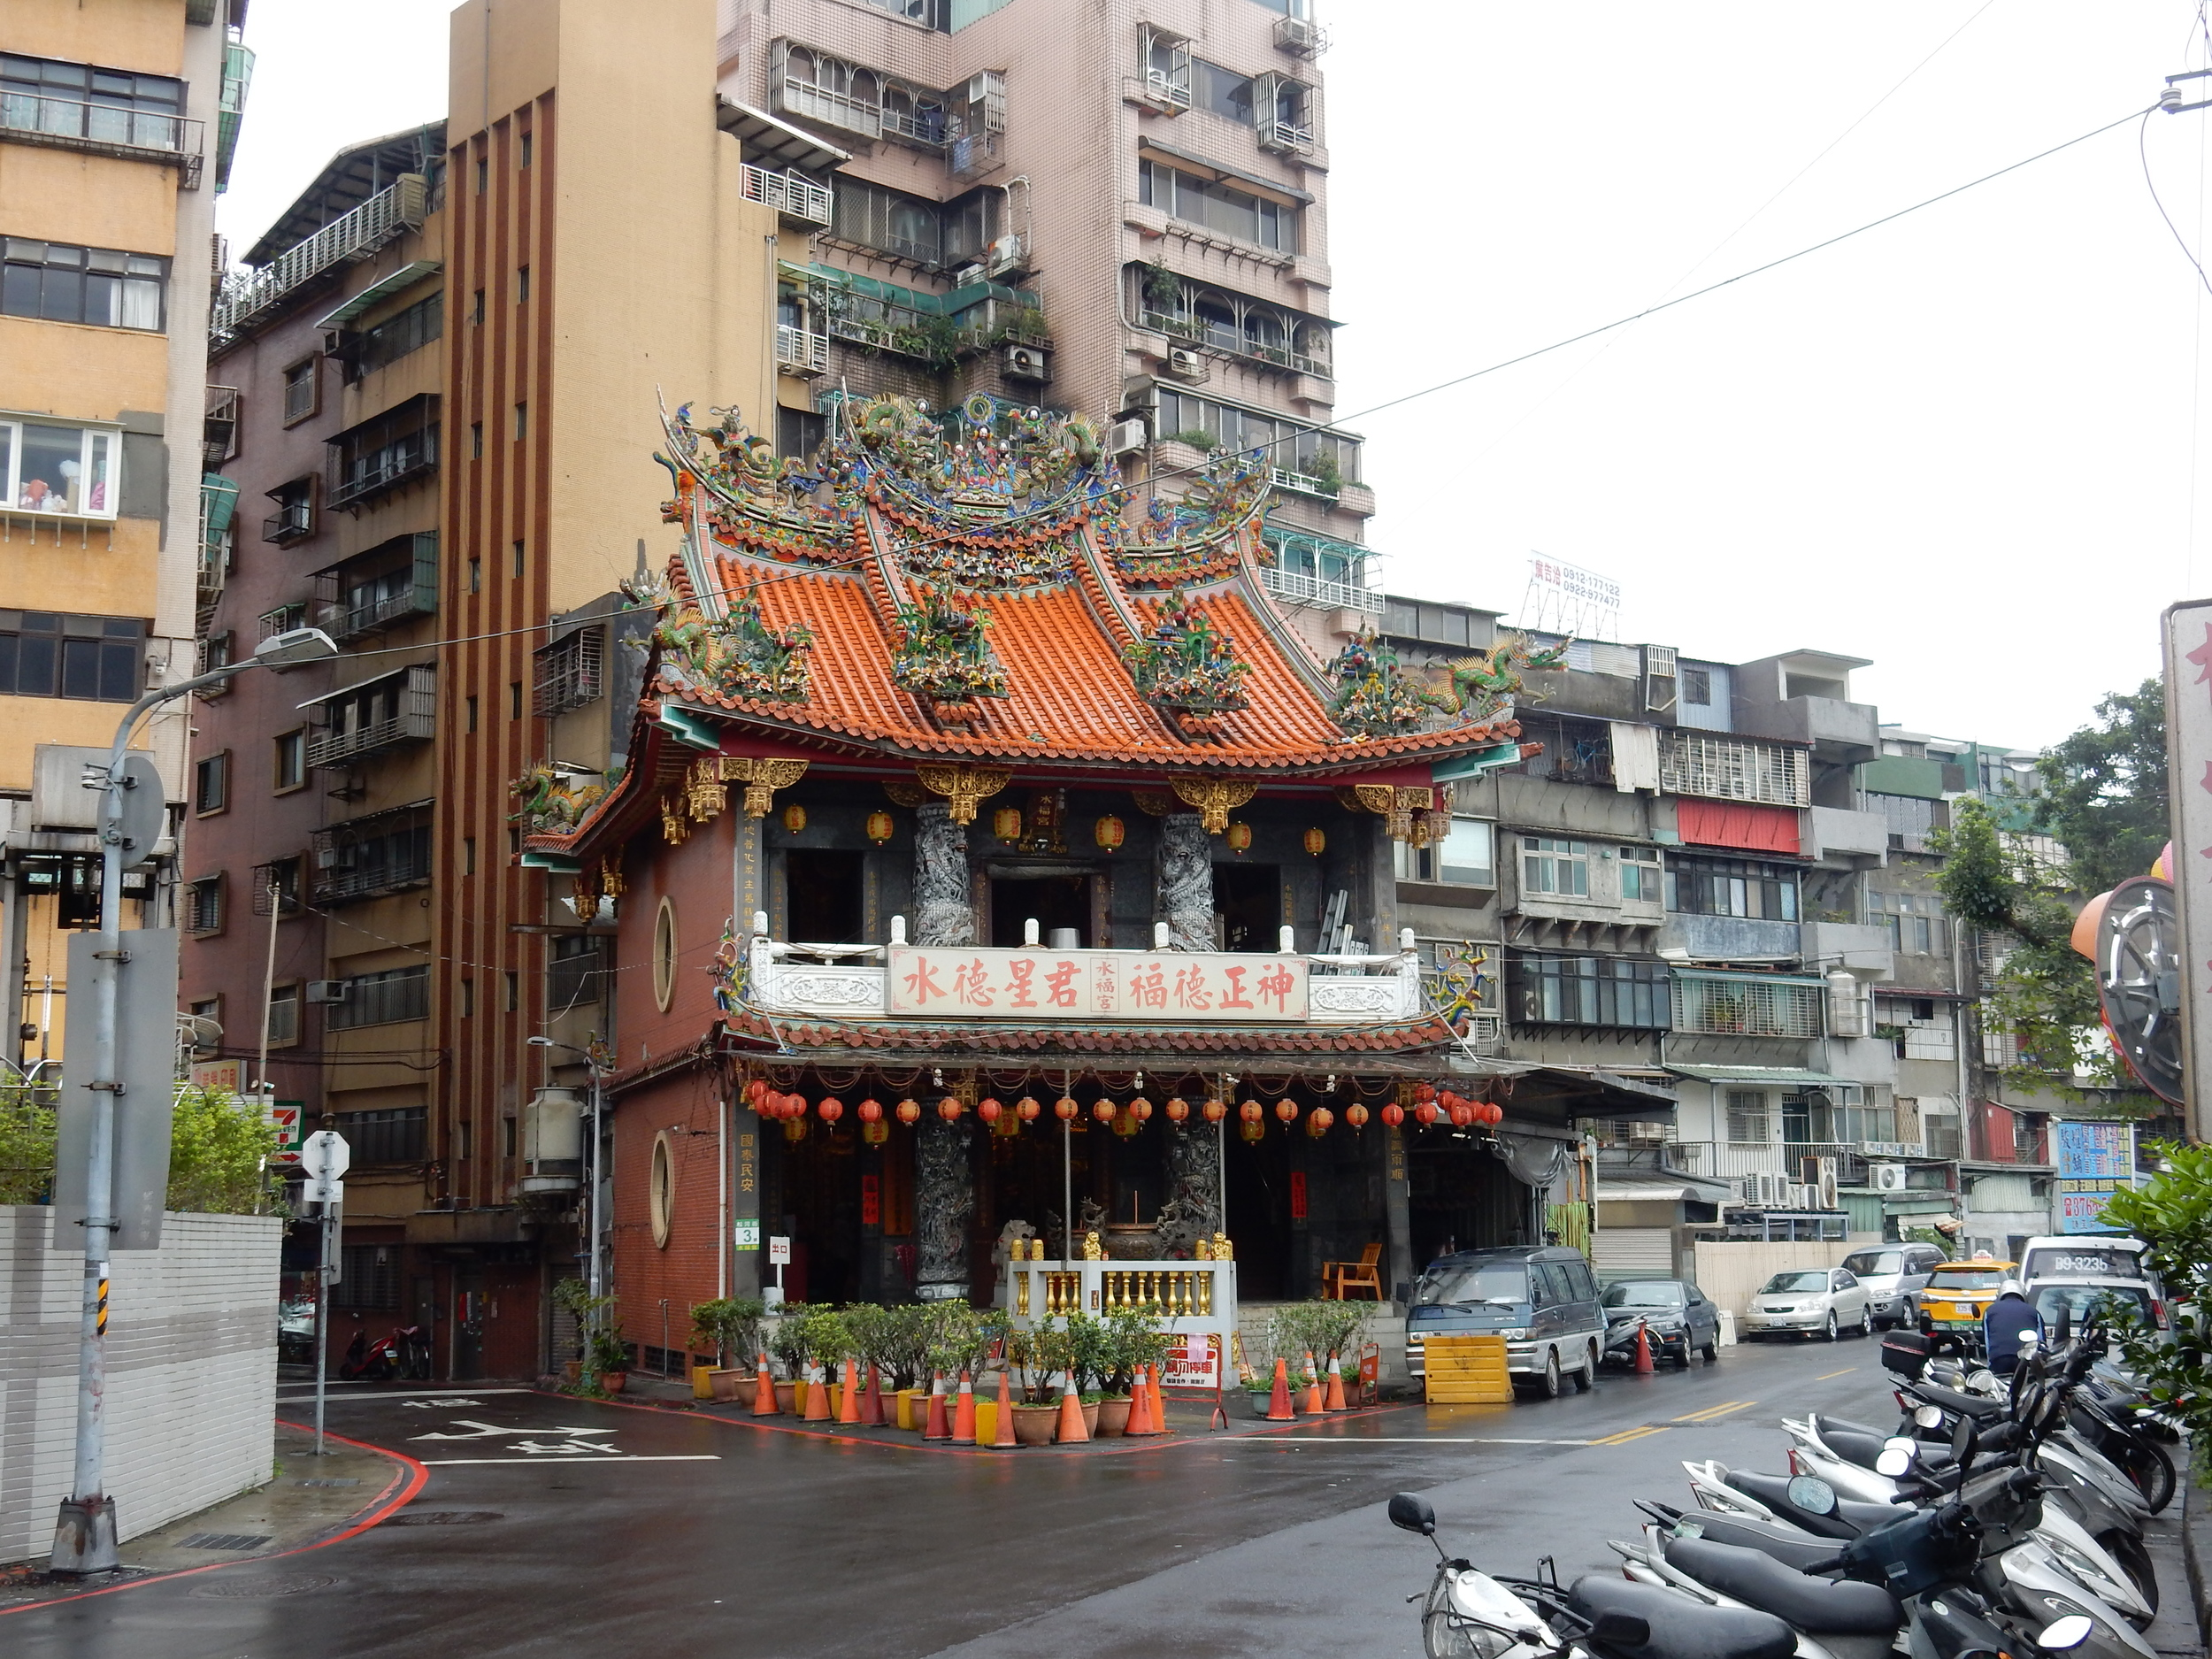 Temples around residential areas Taipei